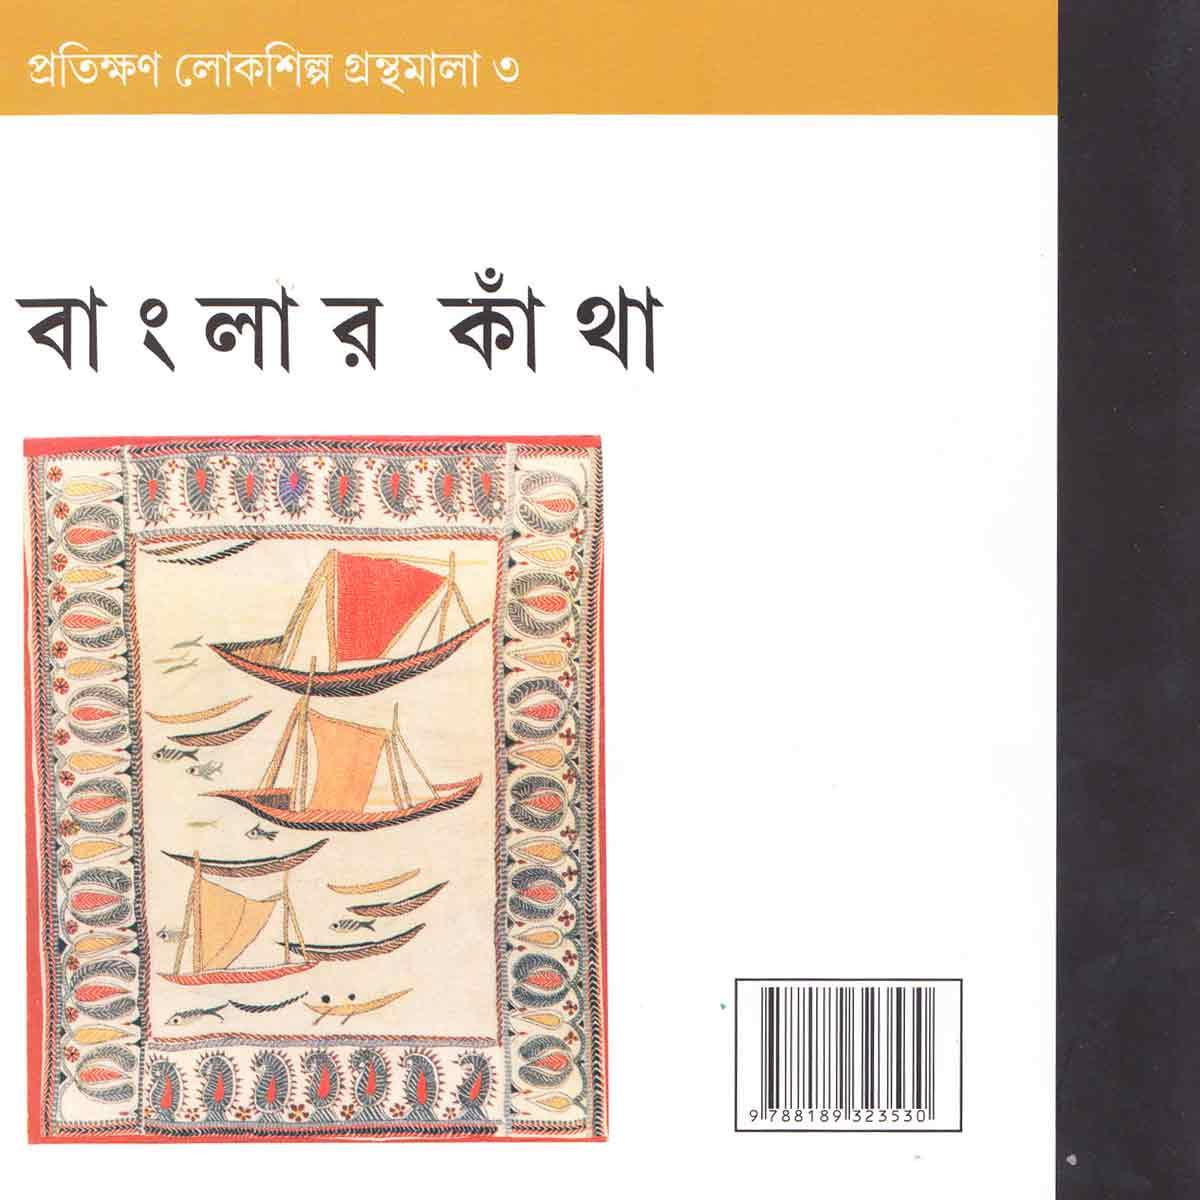 Banglar Kantha/বাংলার কাঁথা